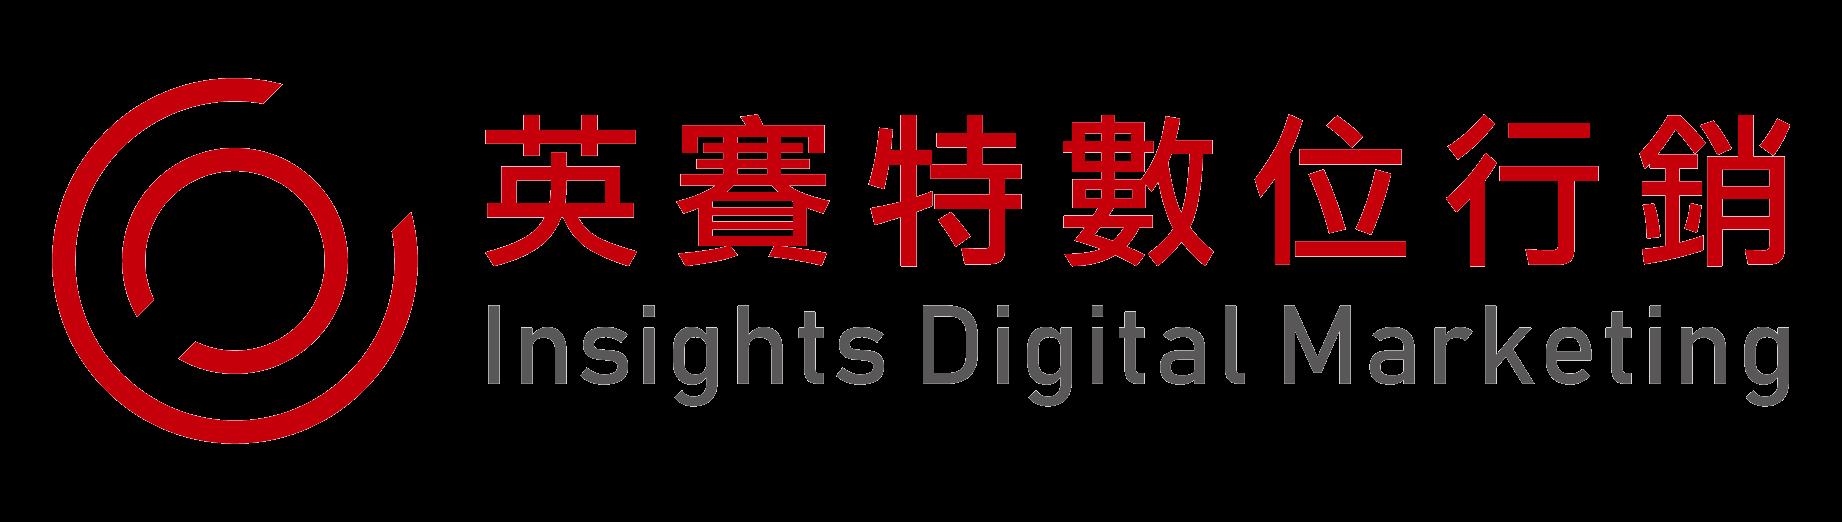 運用數位思維提升企業價值-整合行銷-行銷漏斗-銷售流程分析-網站動線-網站建置-影音企劃-平面設計-企業識別CIS-GA網站流量分析-Google關鍵字廣告-Youtube影音廣告-GDN